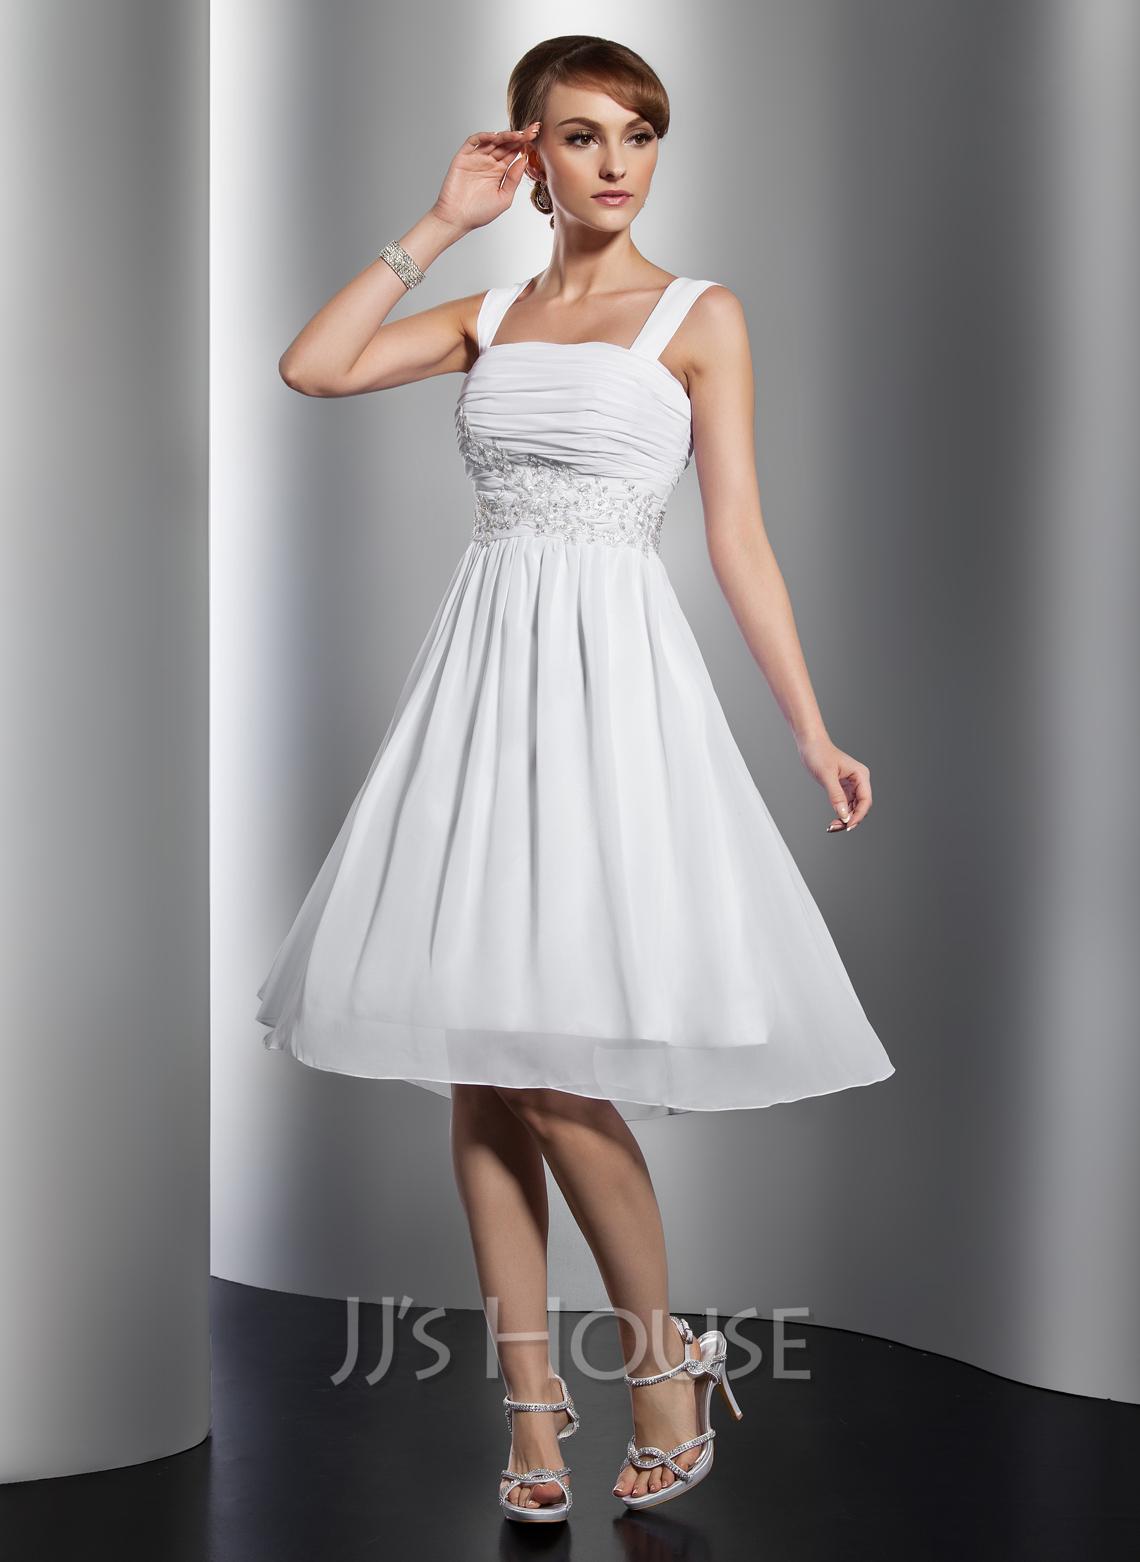 Dress Square Double Thai 100 Viscose: A-Line/Princess Square Neckline Knee-Length Chiffon